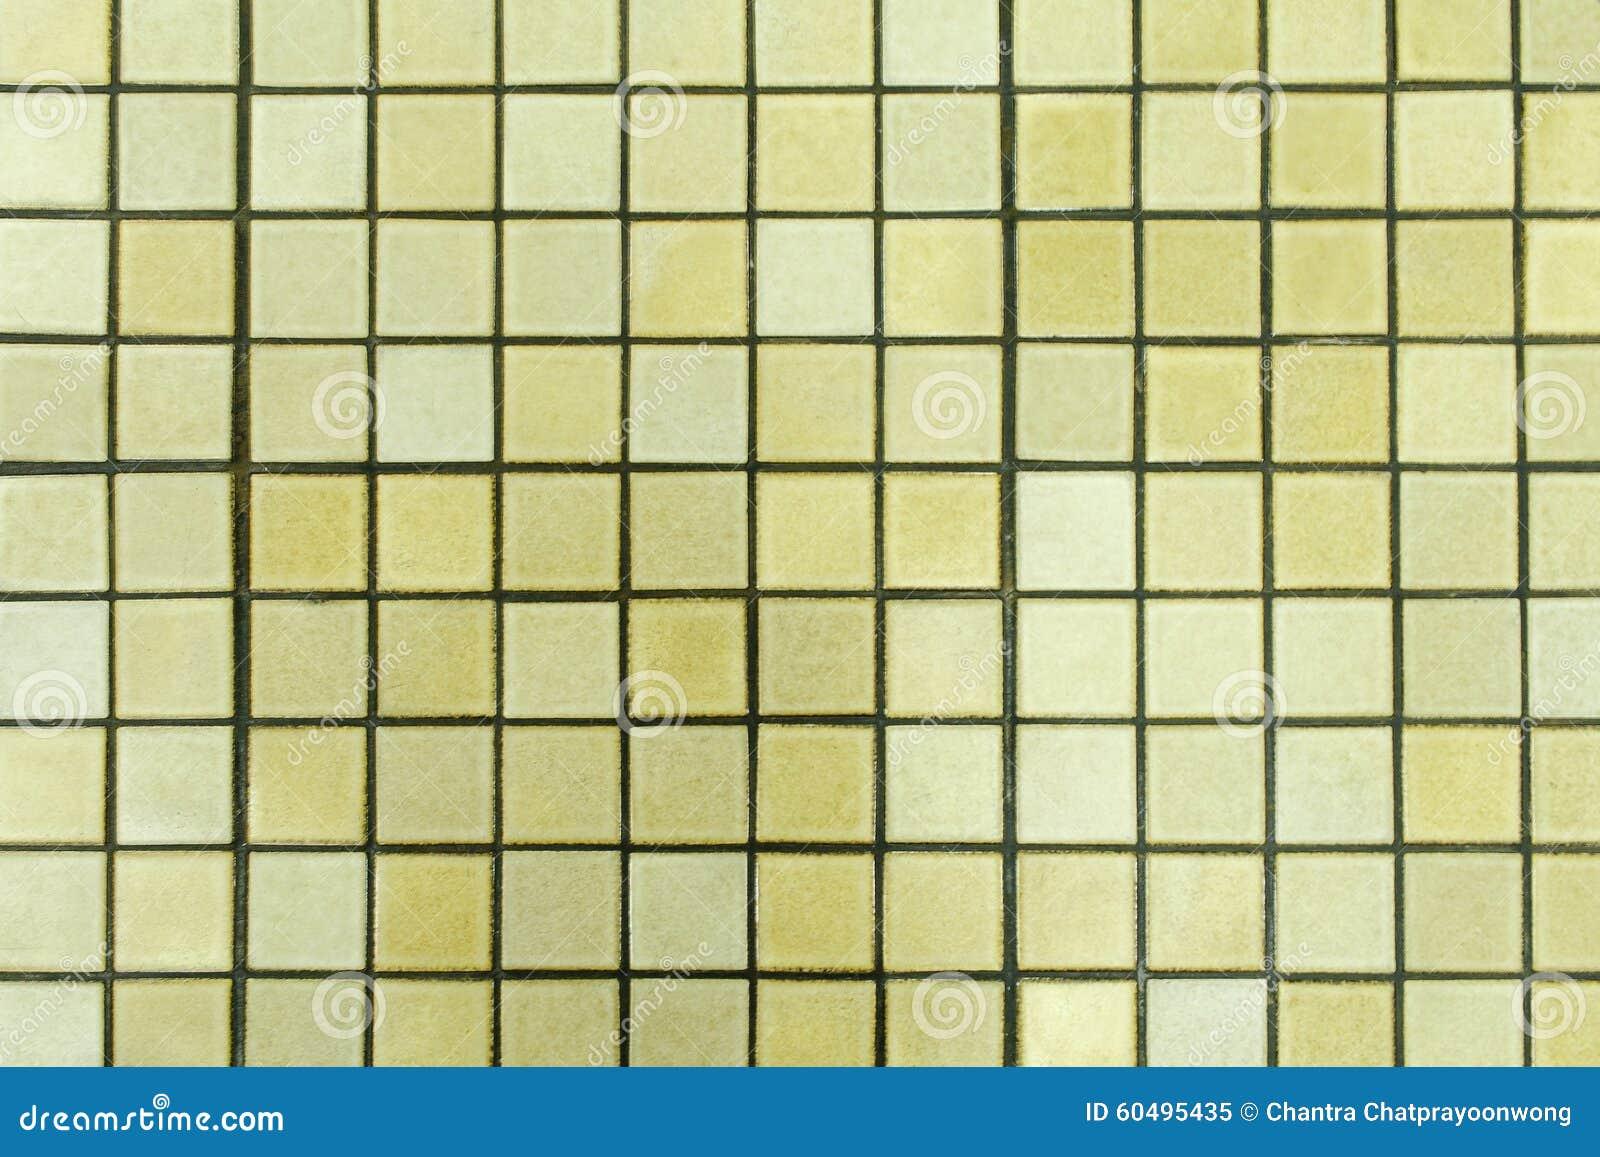 Ceramic tile background stock image image of flooring 60495435 ceramic tile background dailygadgetfo Choice Image